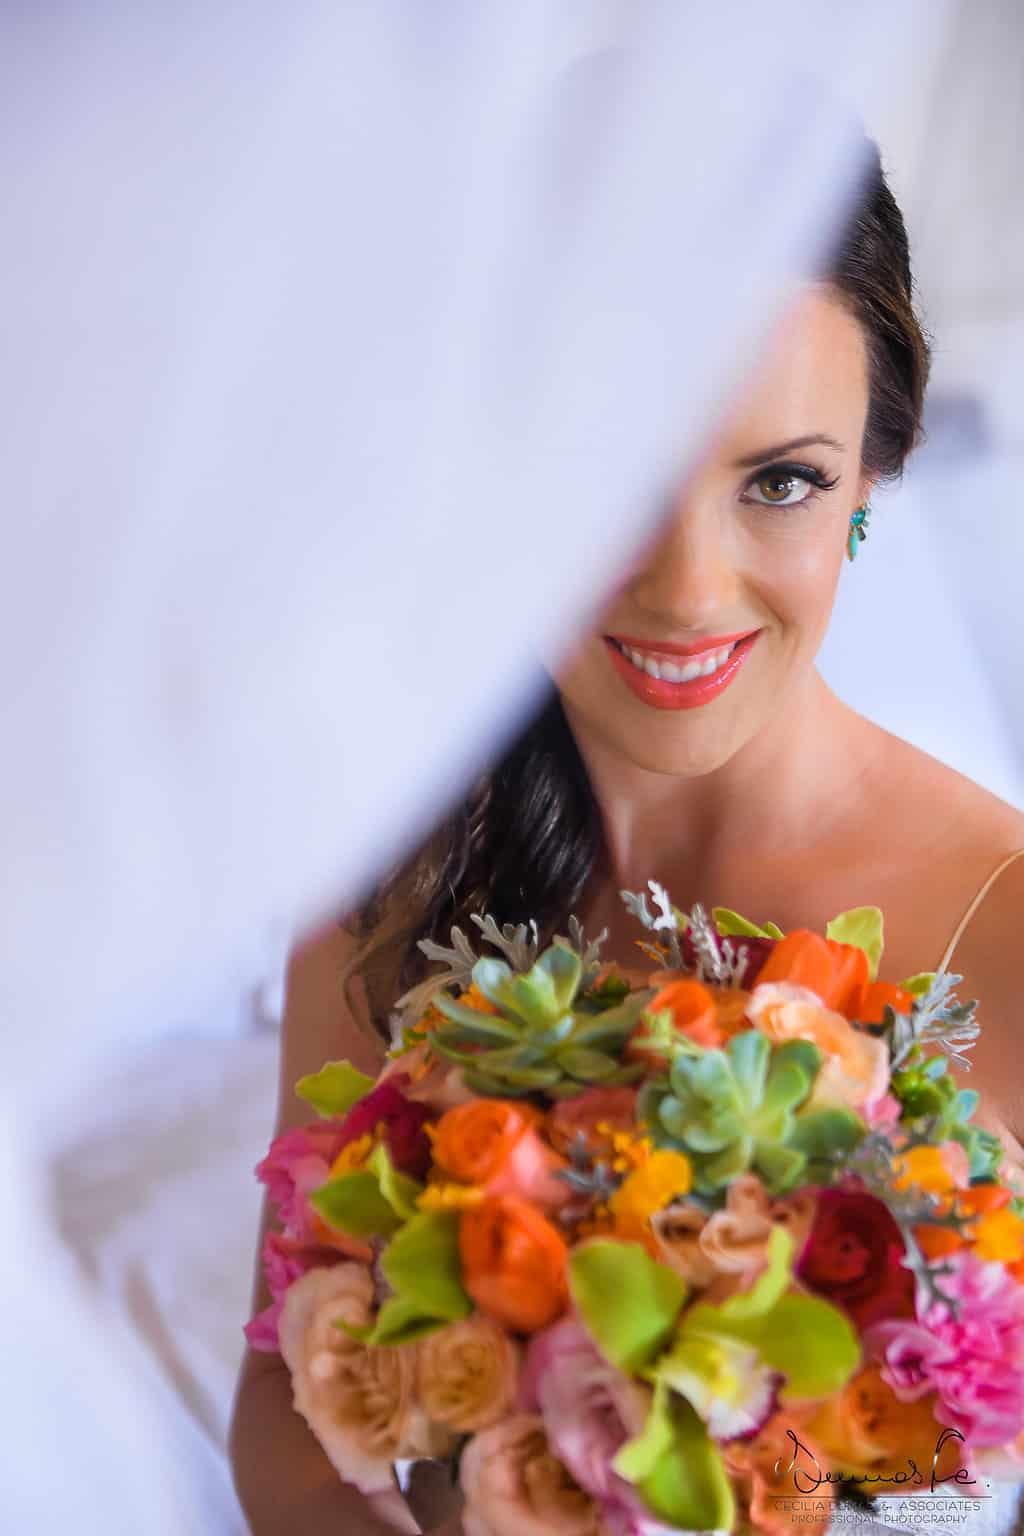 mahekalhotel-playadelcarmen-weddingphotography-lindseyalfredo22